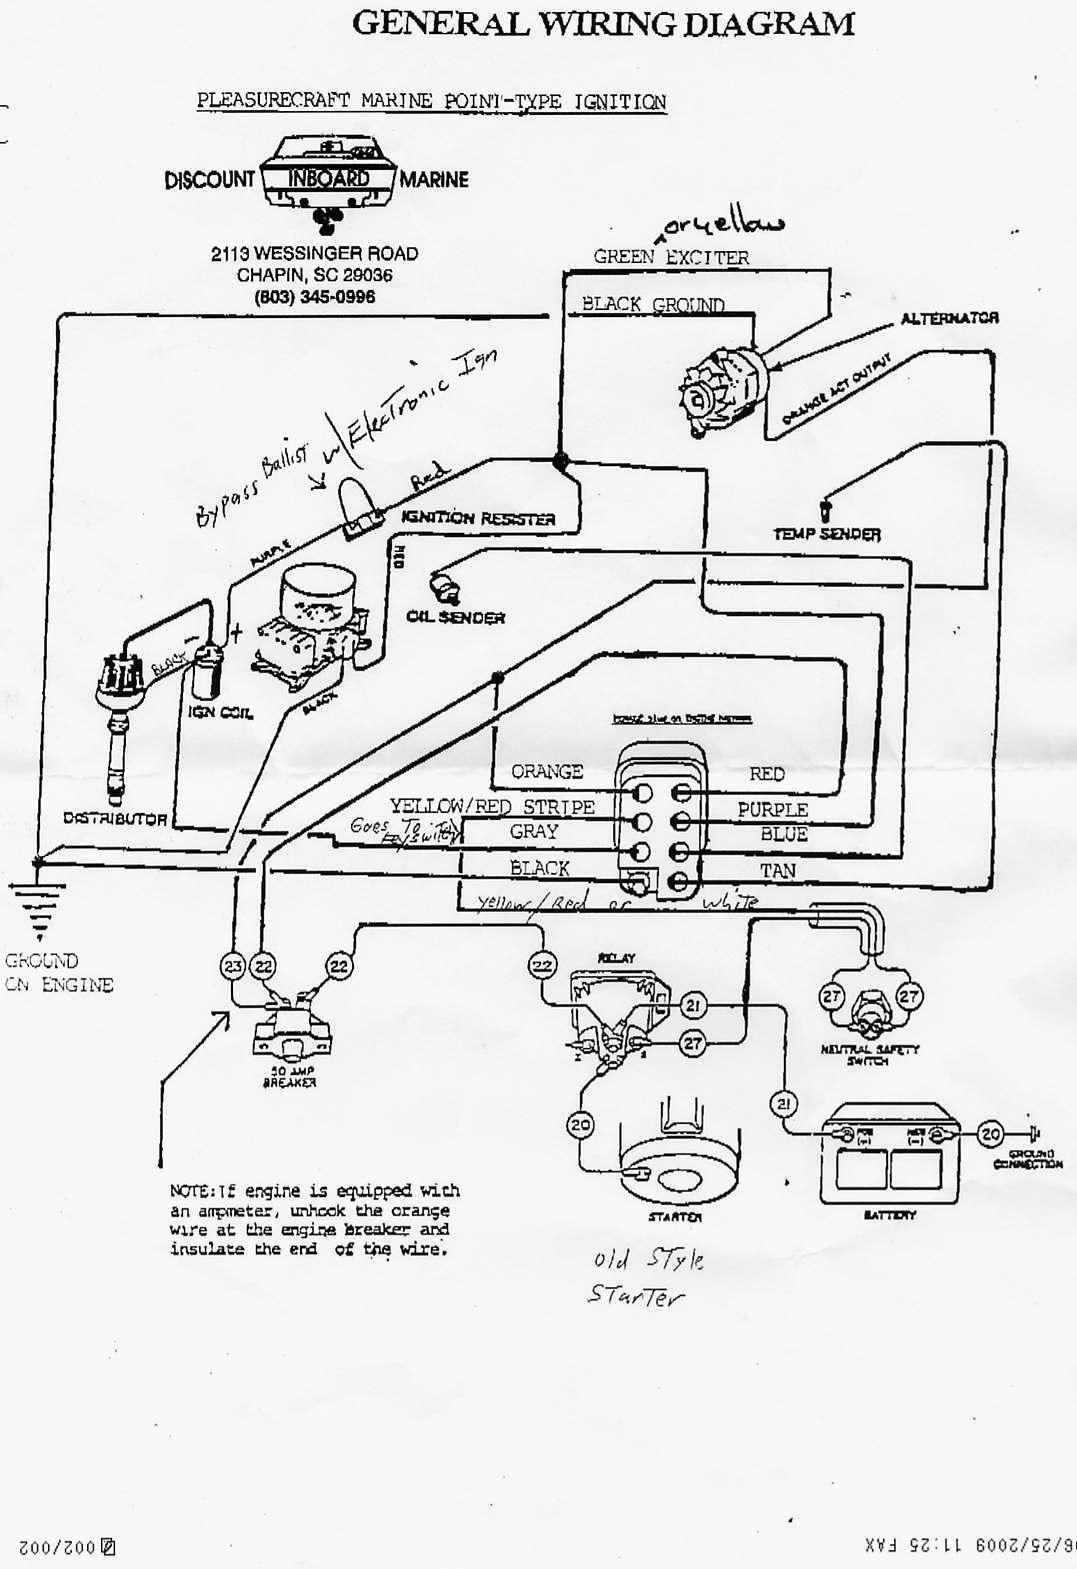 Super Air Nautique Wiring Diagram